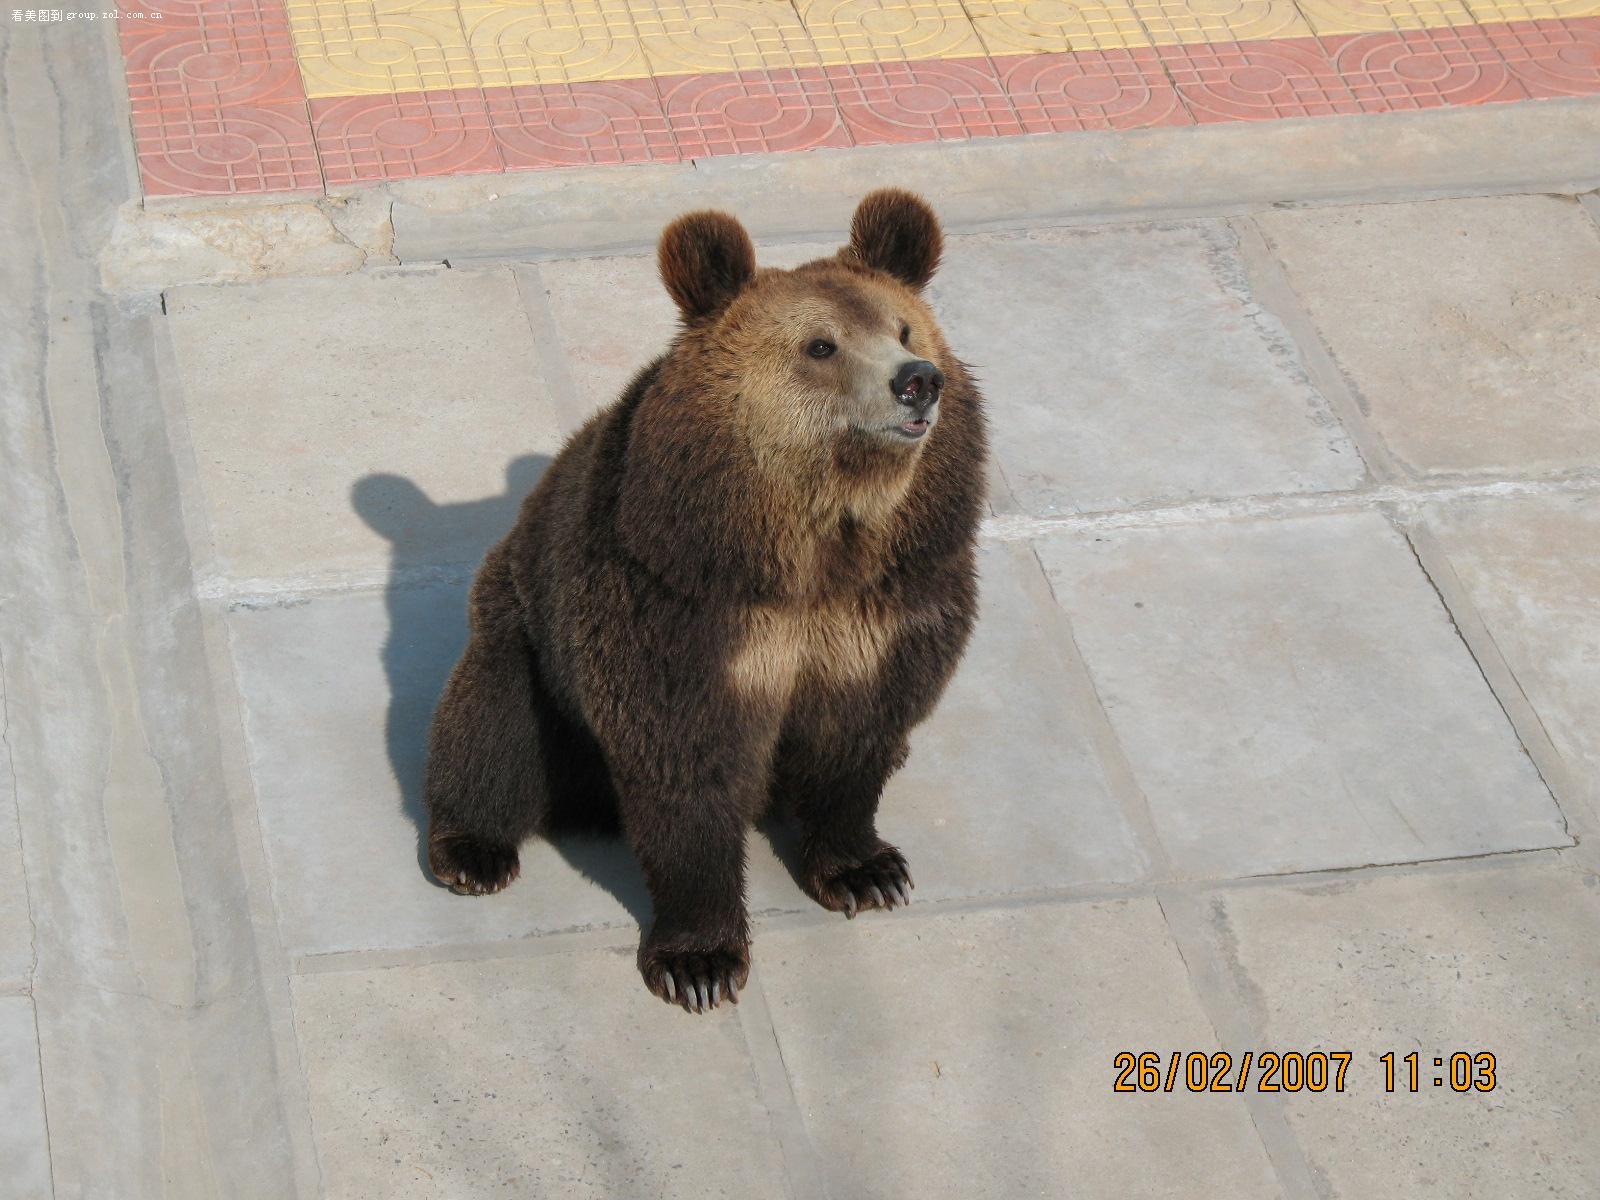 【威海西霞口野生动物园动物】-论坛-zol中关村在线